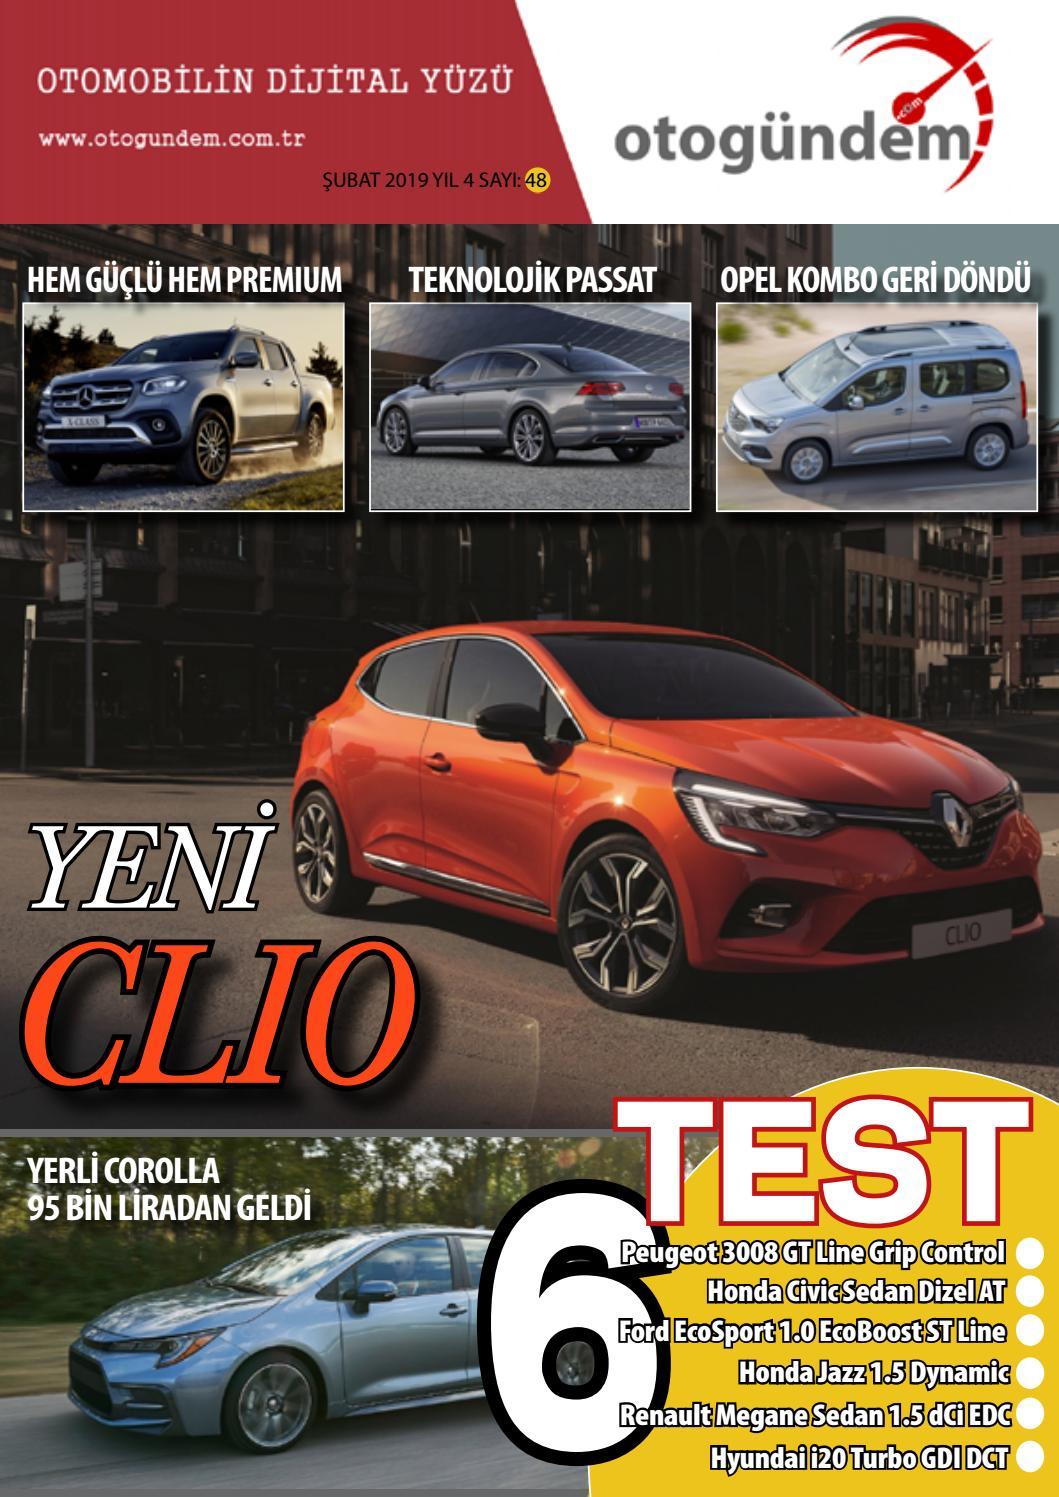 Renault Scenic - ferah, yüksek hızlı, prestijli 24